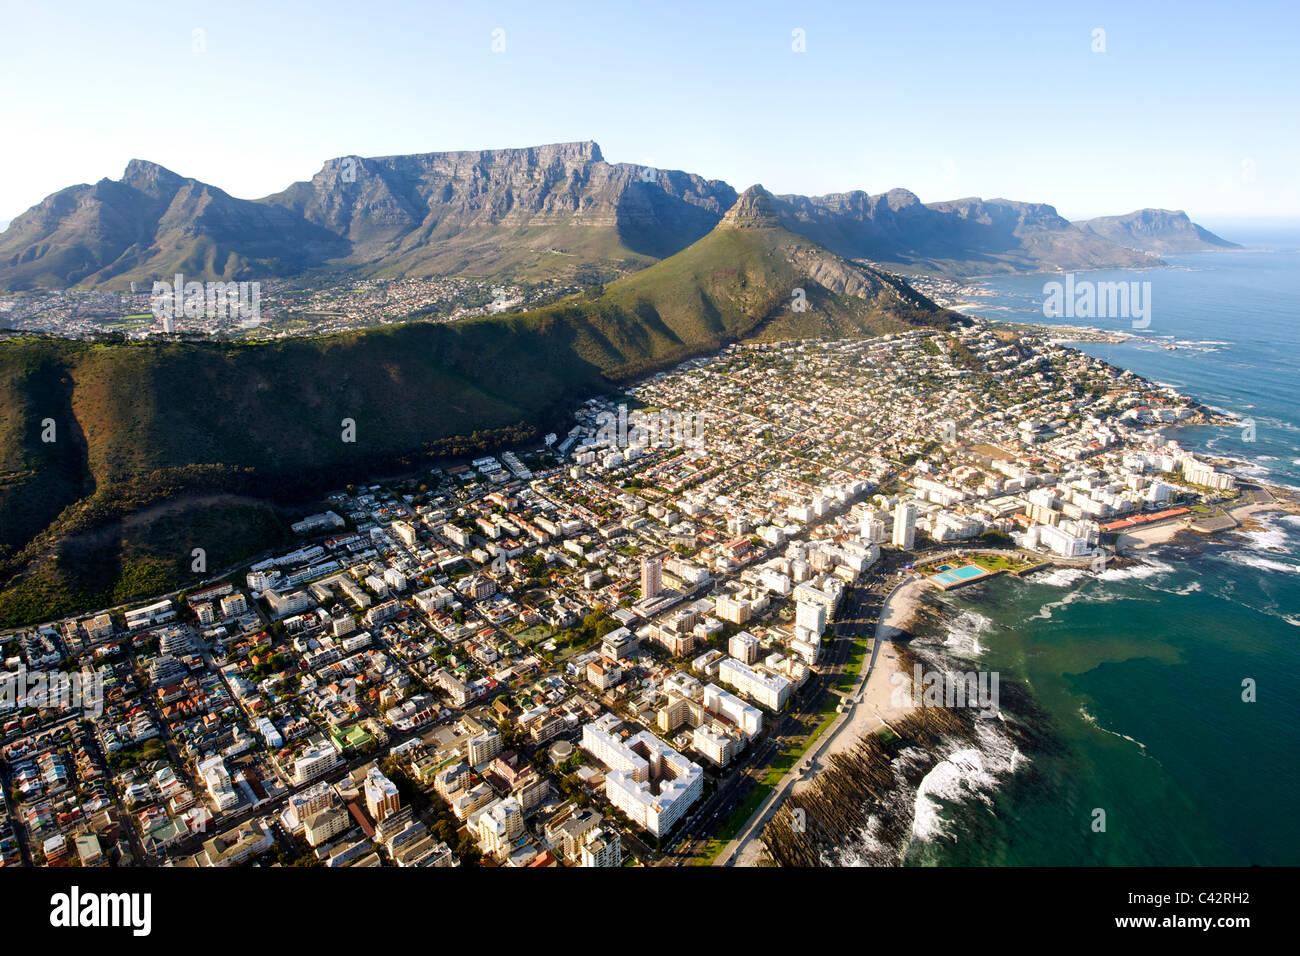 Vista aerea del Cape Town sobborghi di Sea Point , Fresnaye e Bantry Bay con Table Mountain visibile in background. Foto Stock